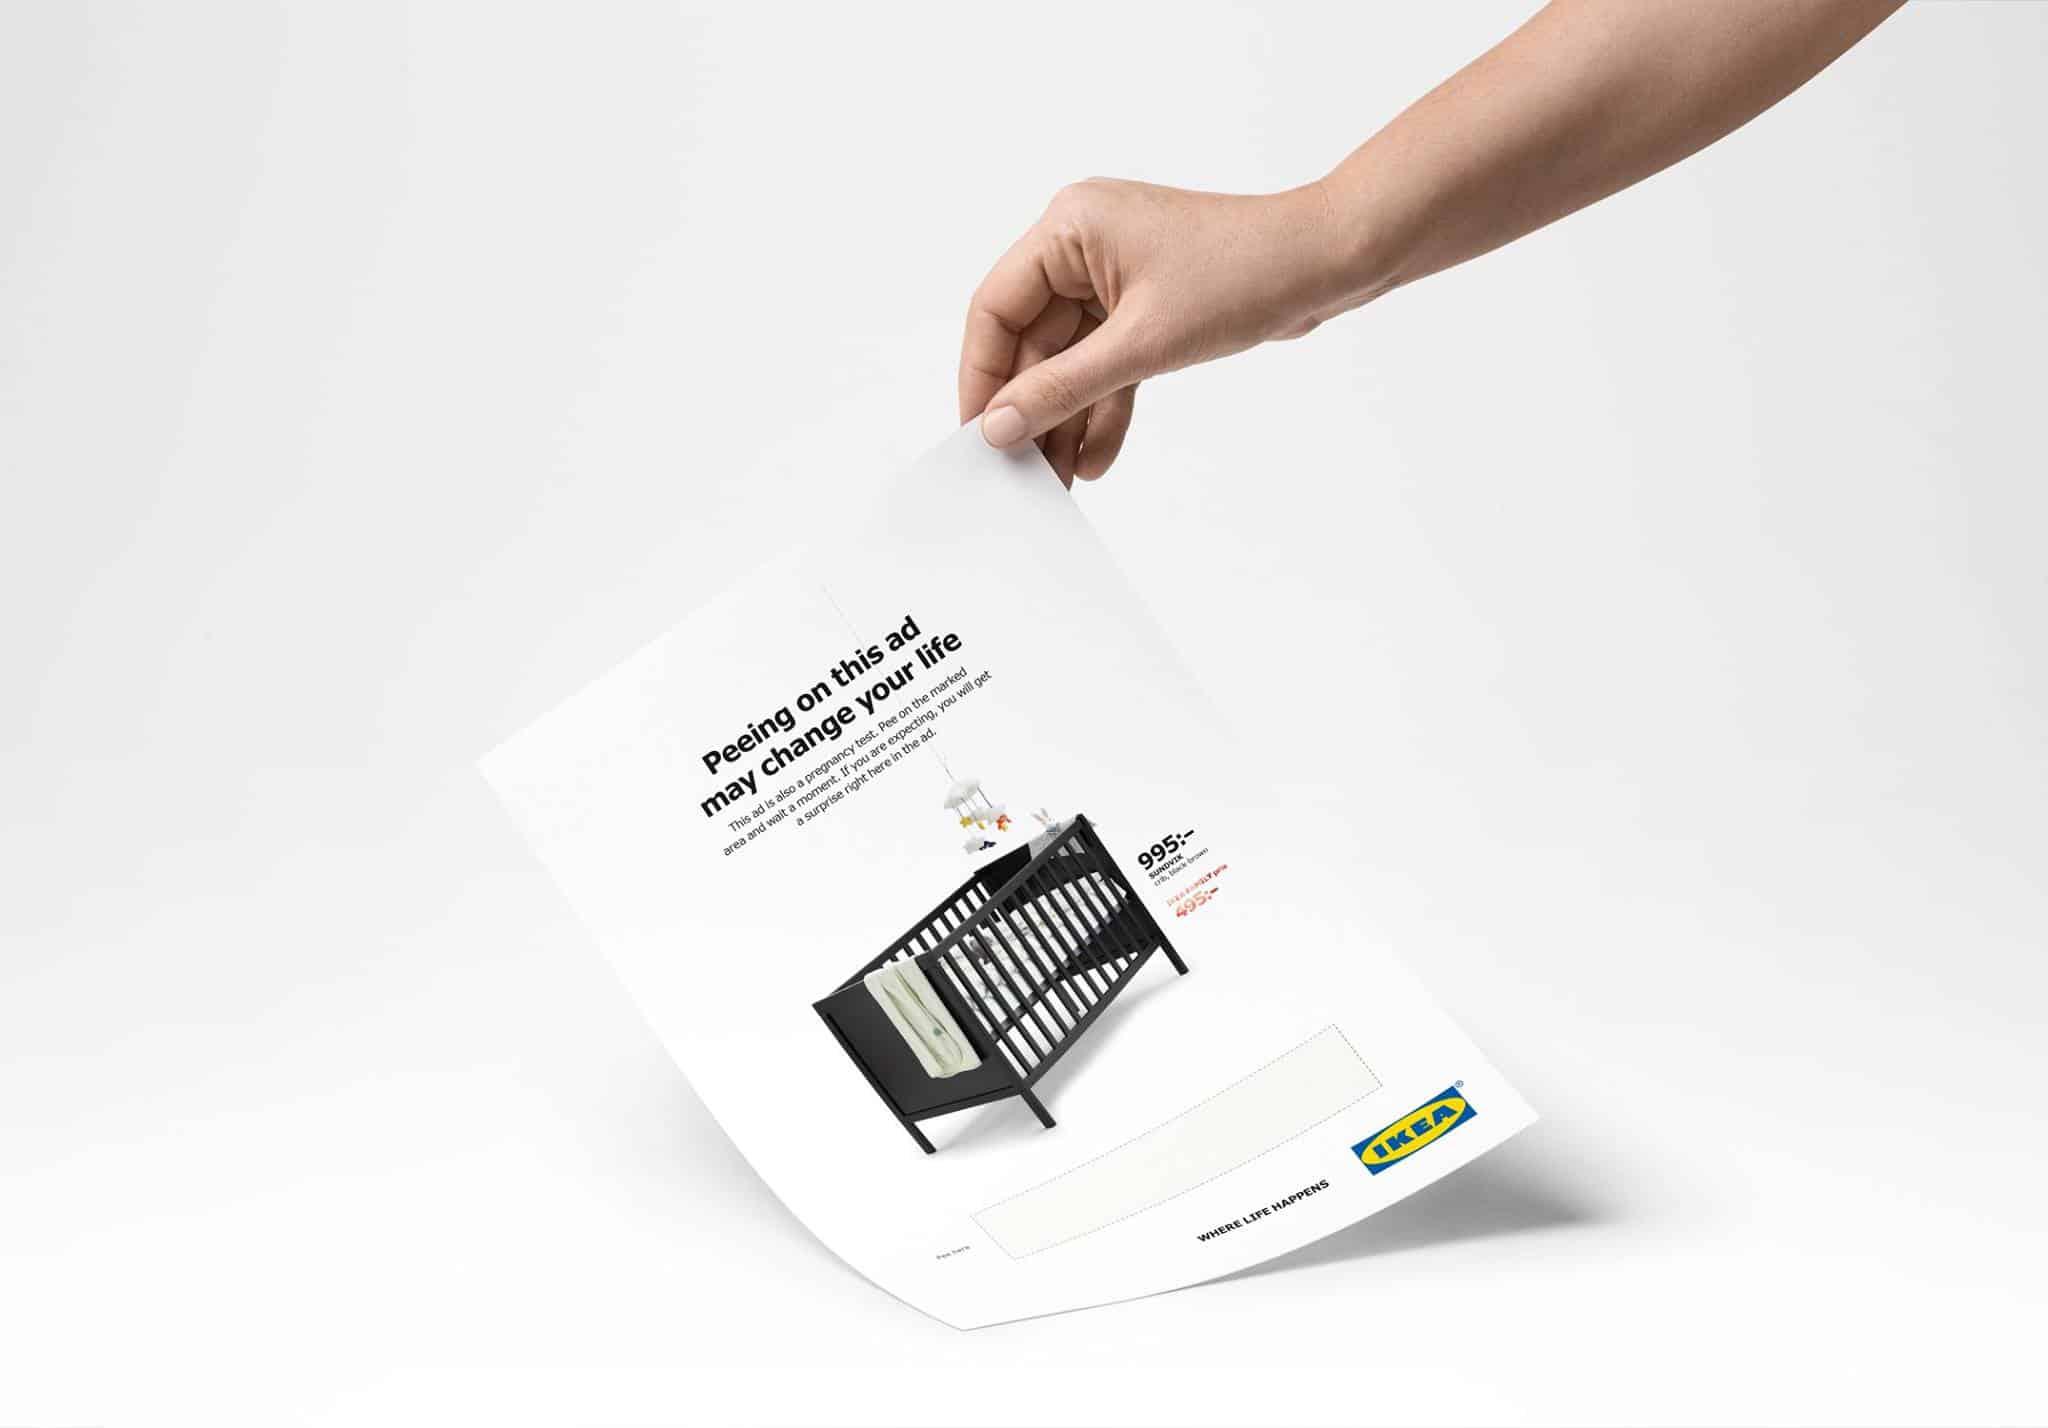 IKEA PEE Ad โฆษณาไอเดียดีจากอีเกีย